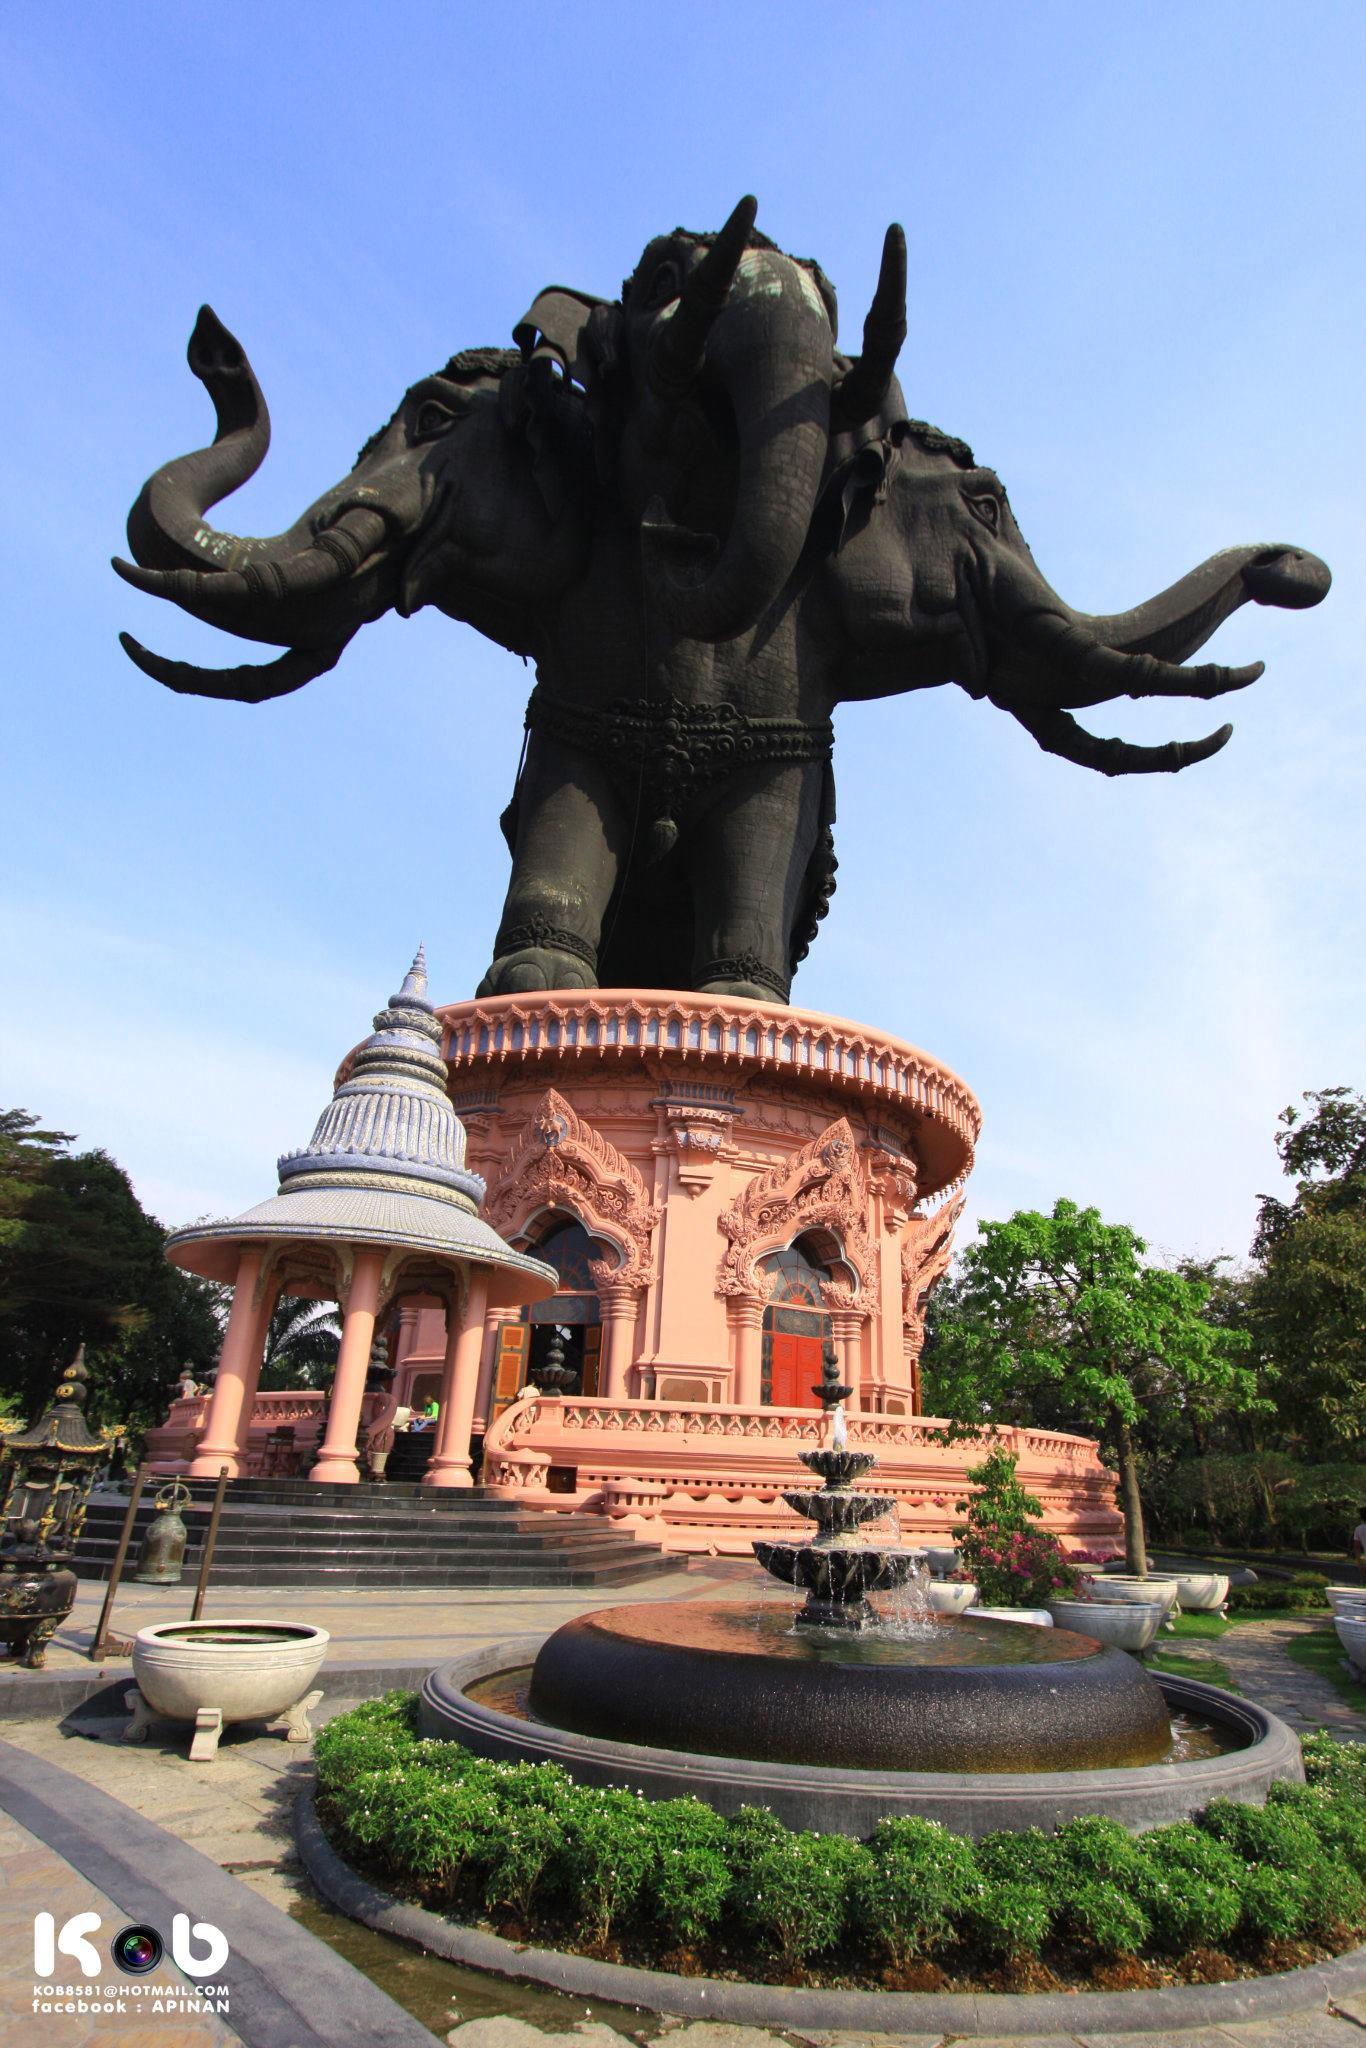 พิพิธภัณฑ์ช้างเอราวัณ (ช้างสามเศียร) จังหวัดสมุทปราการ